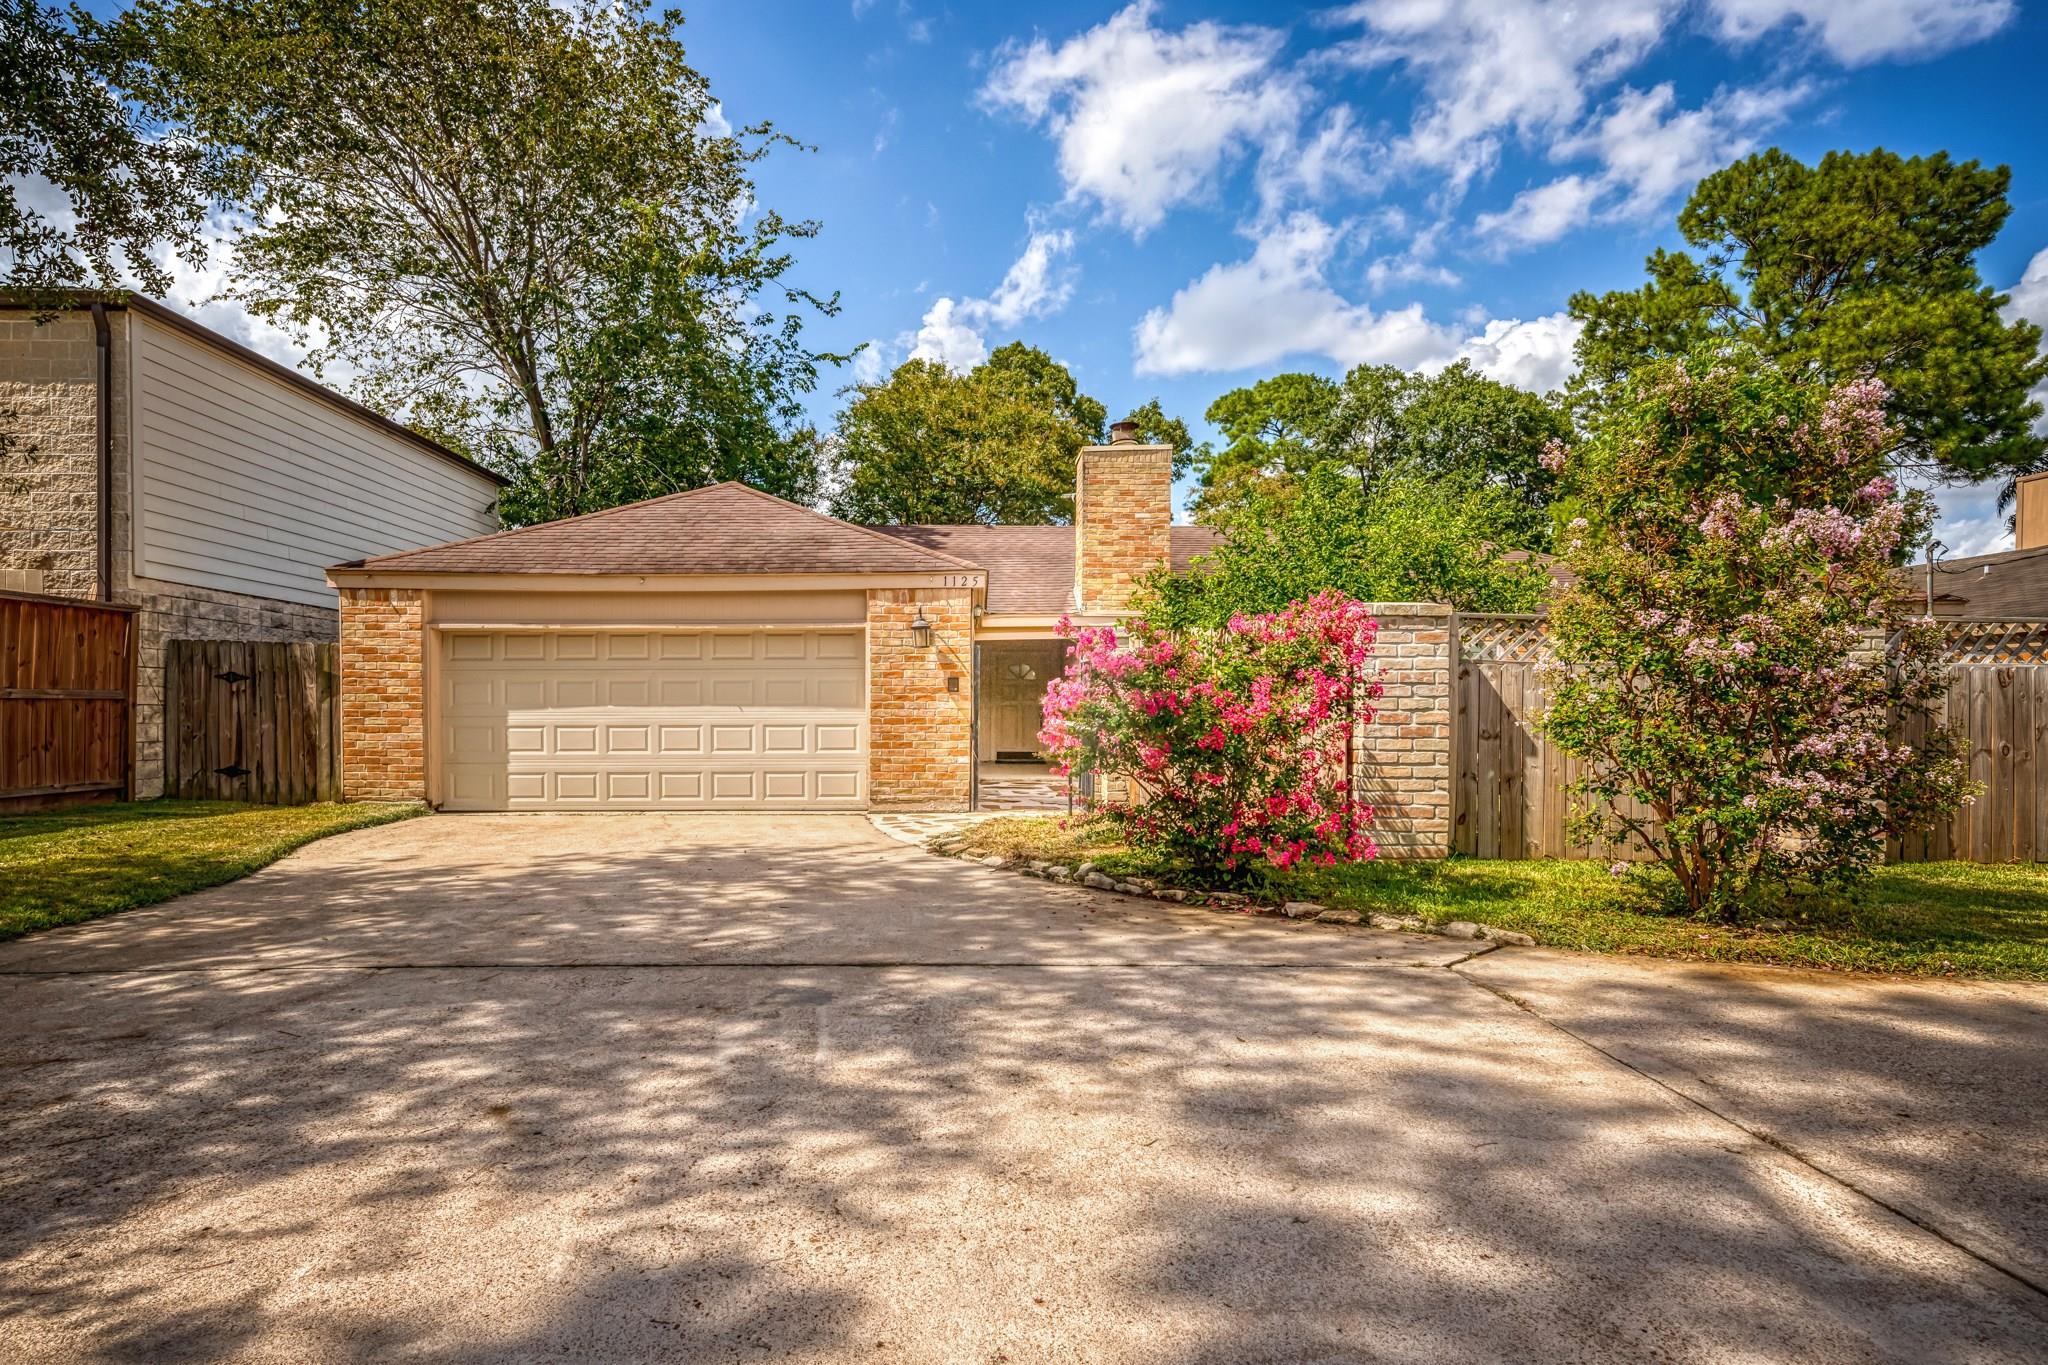 1125 AFTON Property Photo - Houston, TX real estate listing